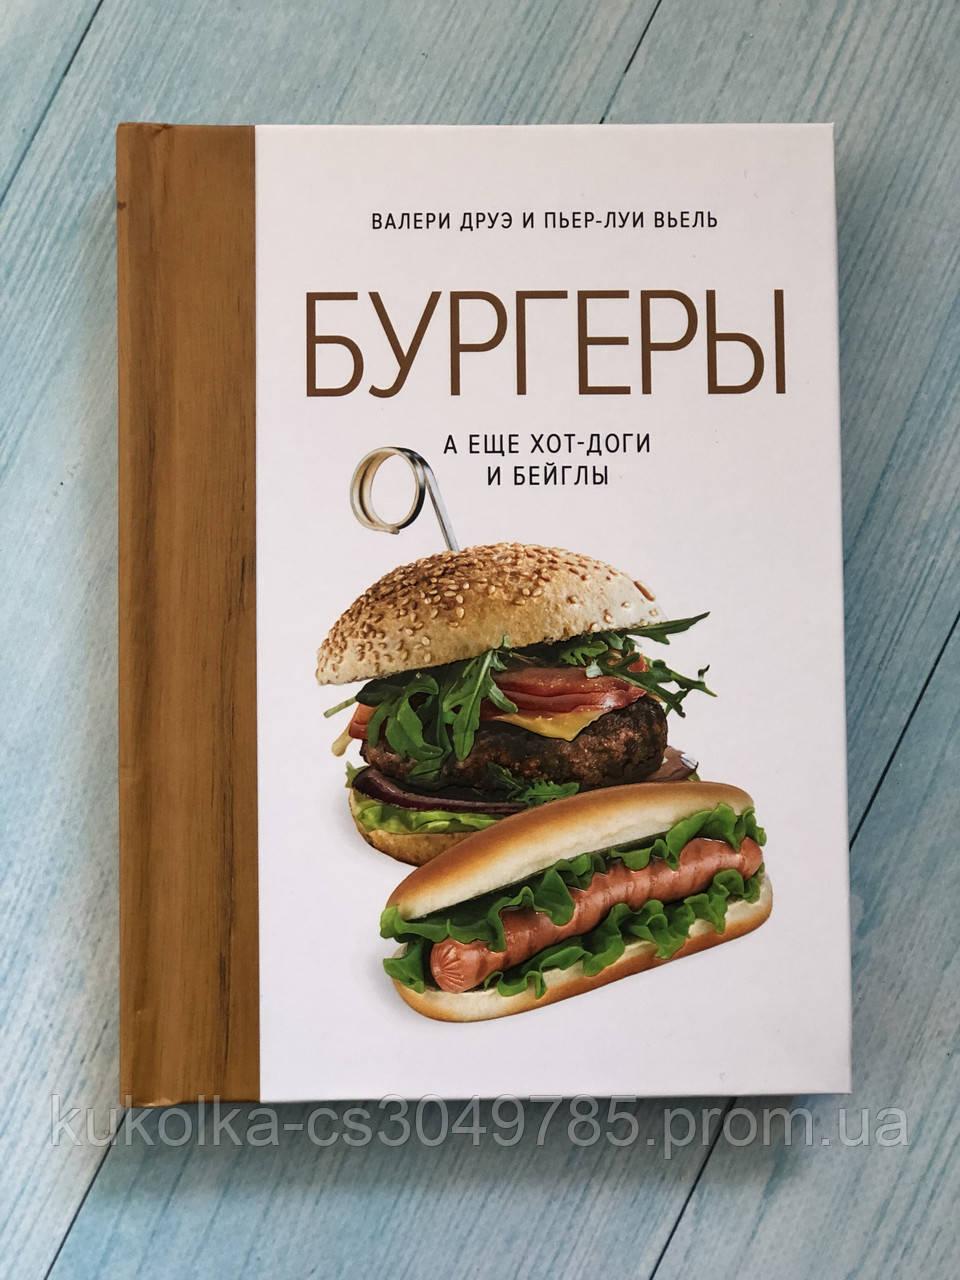 « Бургеры, а ещё хот-доги и бейглы » Валери Друэ и Пьер-Луи Вьель